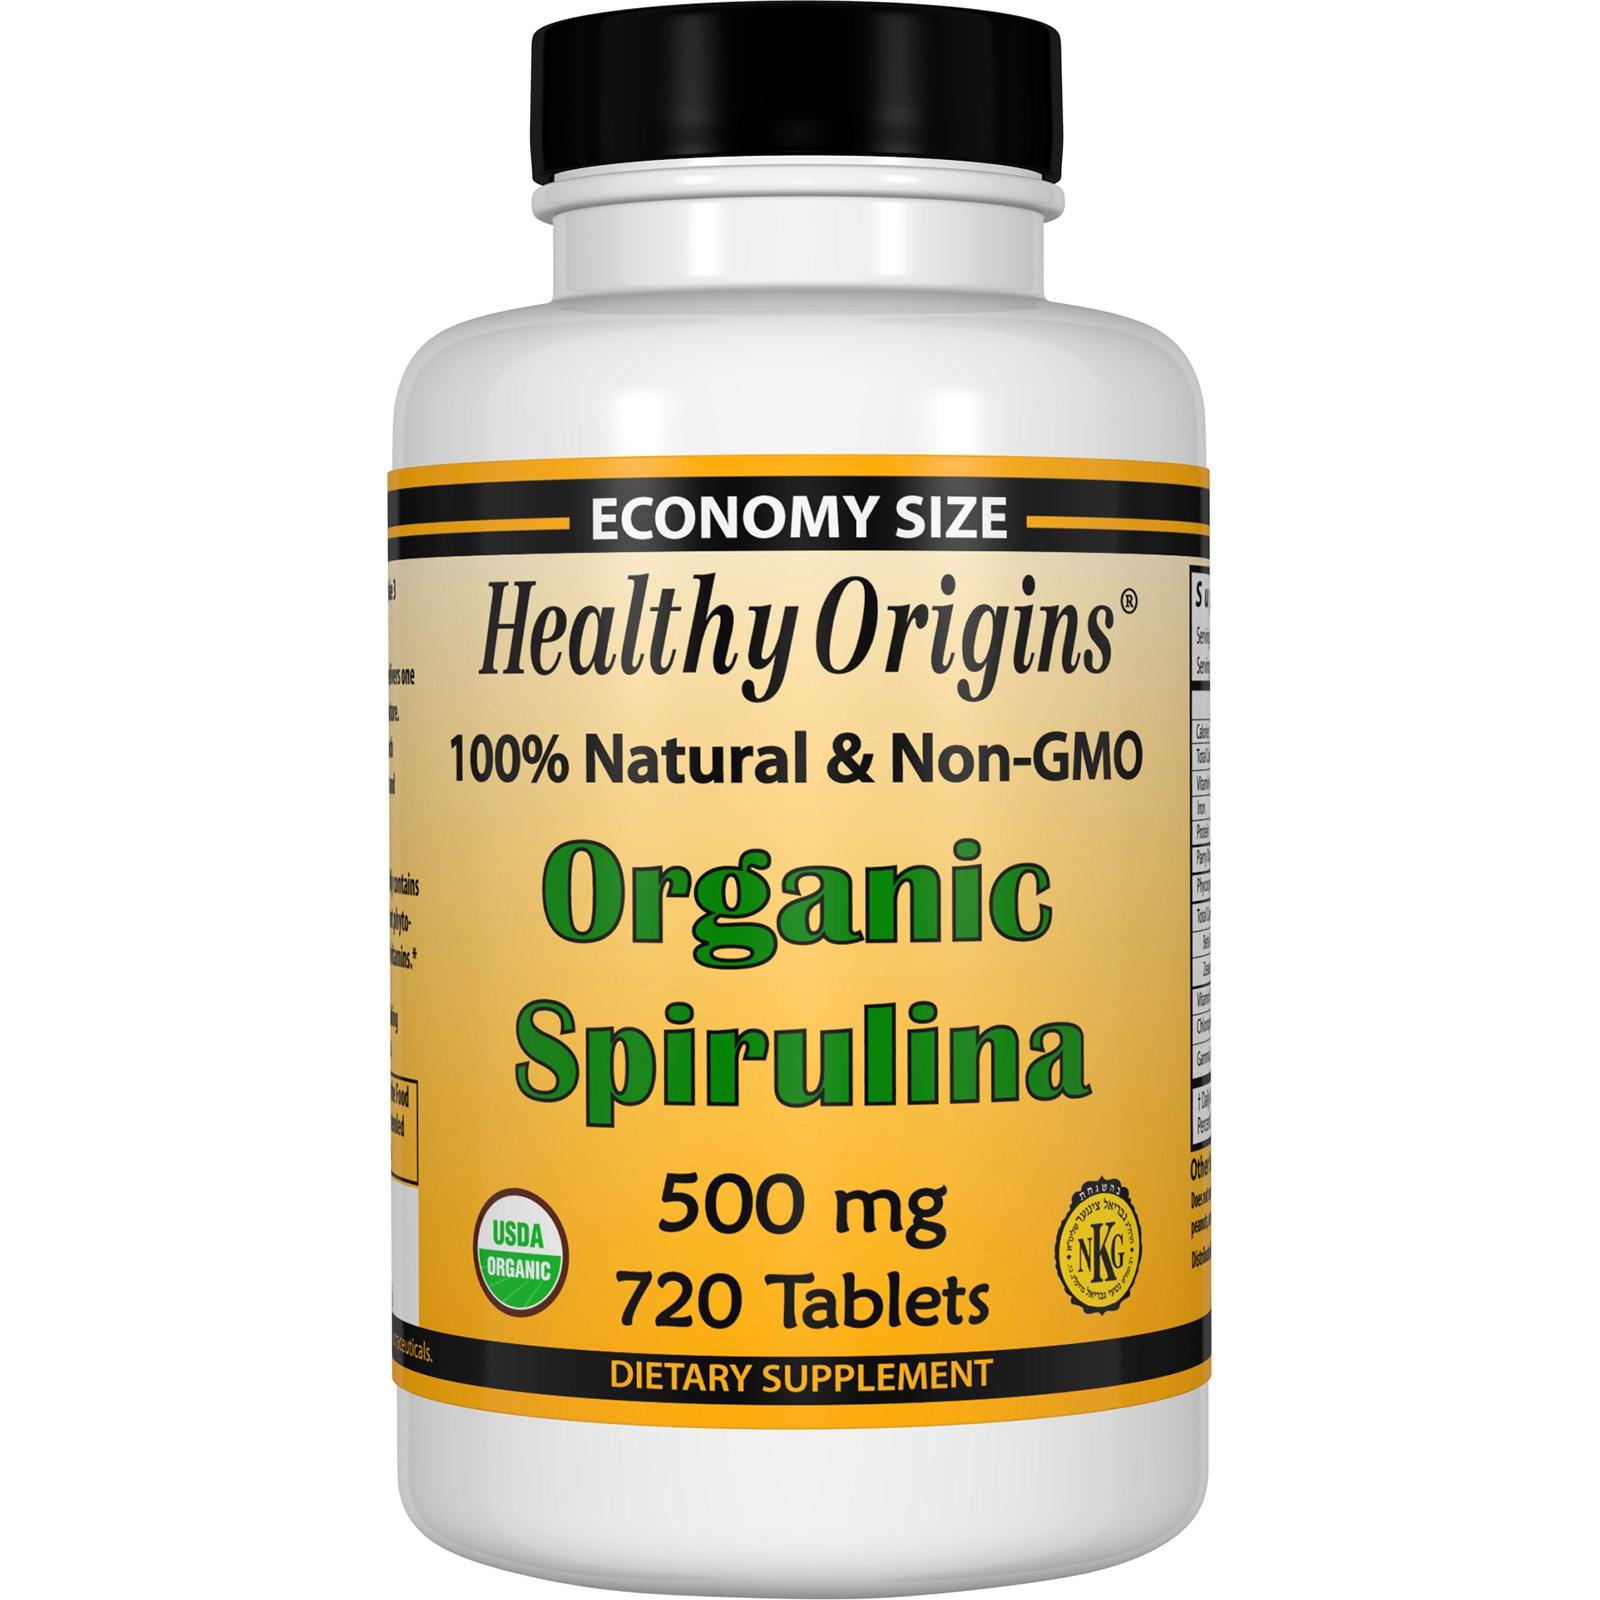 Органическая спирулина, 500 мг в таблетках от Healthy Origins (720 штук)